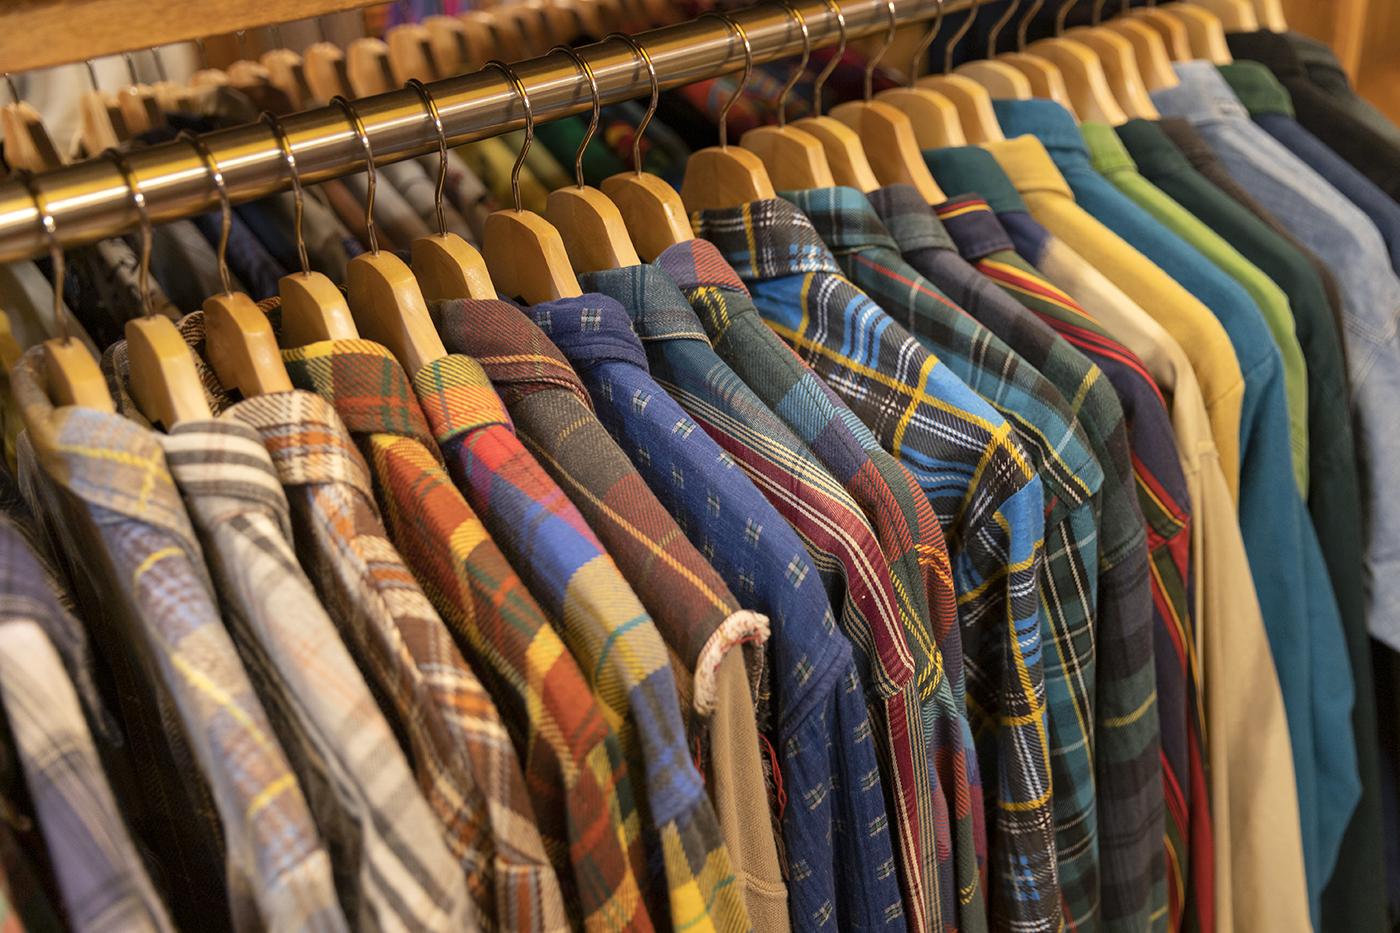 古着屋「chuple」内でハンガーラックに掛かったシャツ。